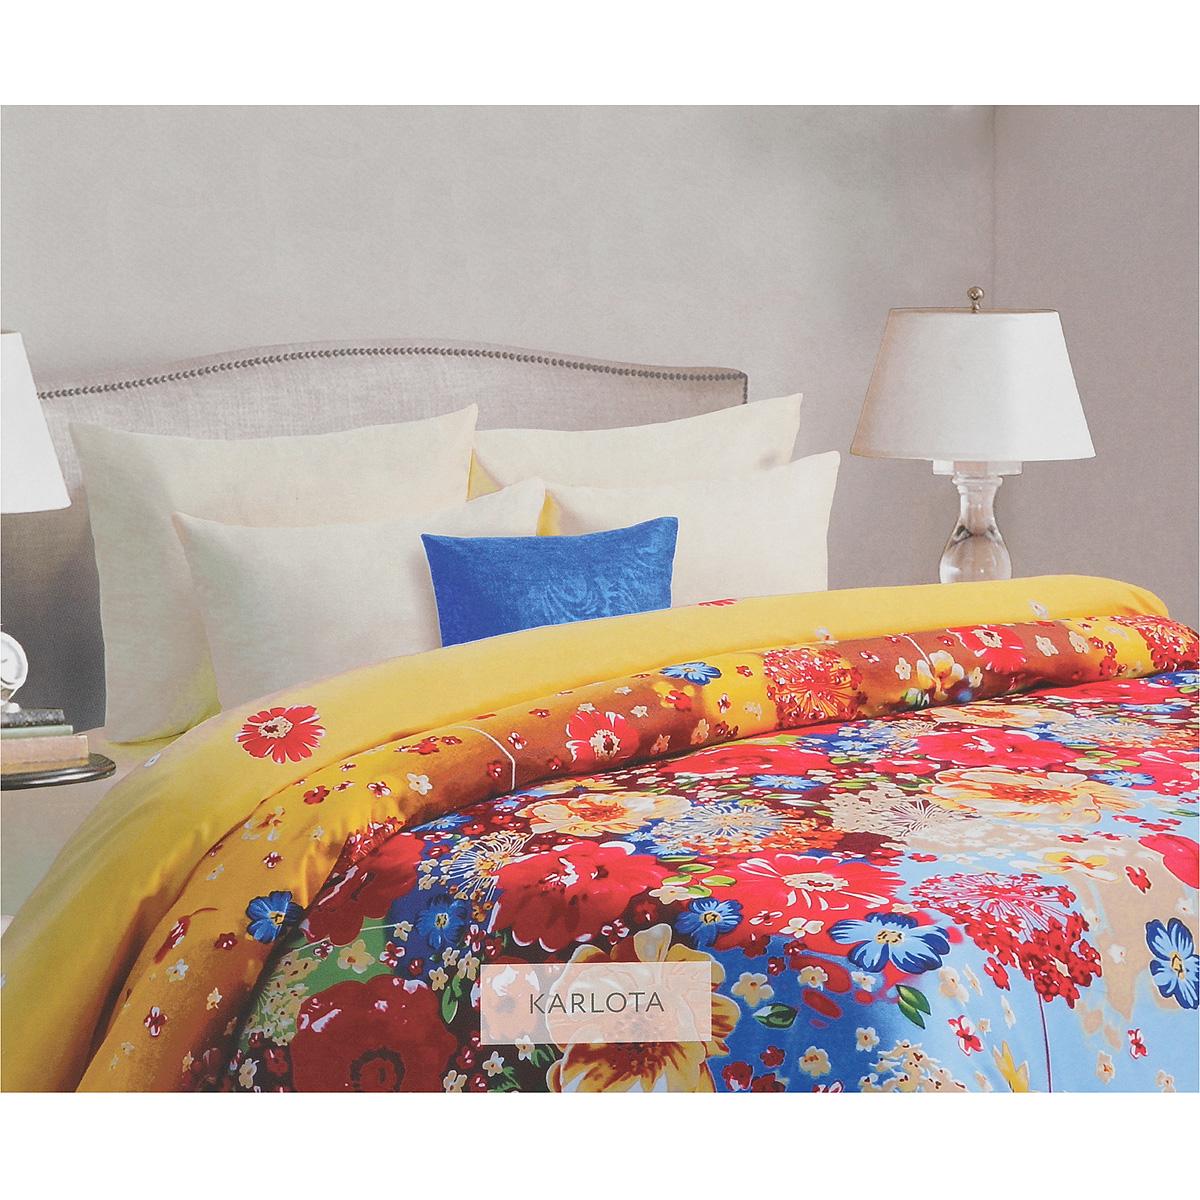 Комплект белья Mona Liza Karlota, евро, наволочки 70х70, цвет: желтый, голубой. 562109/5562109/5Комплект белья Mona Liza Karlota, выполненный из батиста (100% хлопок), состоит из пододеяльника, простыни и двух наволочек. Изделия оформлены красивым цветочным рисунком. Батист - тонкая, легкая натуральная ткань полотняного переплетения. Ткань с незначительной сминаемостью, хорошо сохраняющая цвет при стирке, легкая, с прекрасными гигиеническими показателями.В комплект входит: Пододеяльник - 1 шт. Размер: 200 см х 220 см. Простыня - 1 шт. Размер: 215 см х 240 см. Наволочка - 2 шт. Размер: 70 см х 70 см. Рекомендации по уходу: - Ручная и машинная стирка 40°С, - Гладить при температуре не более 150°С, - Не использовать хлорсодержащие средства, - Щадящая сушка, - Не подвергать химчистке.